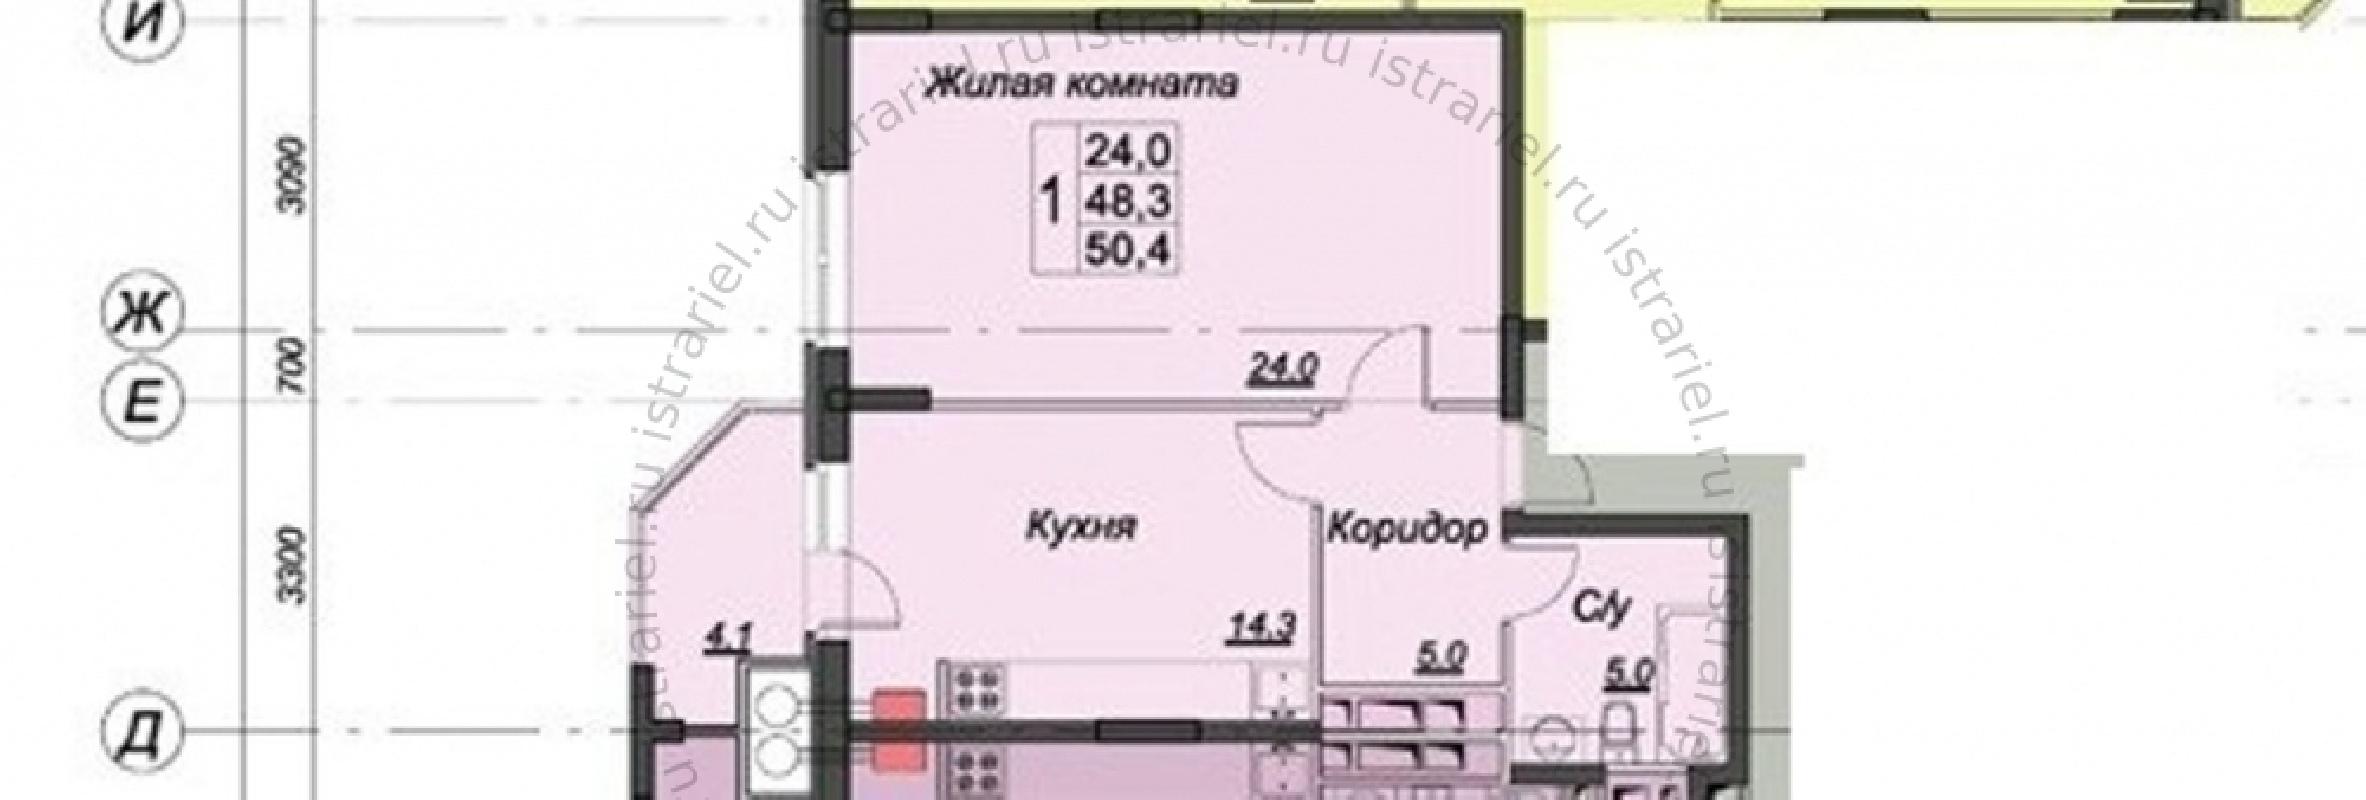 квартира за 3300000 рублей